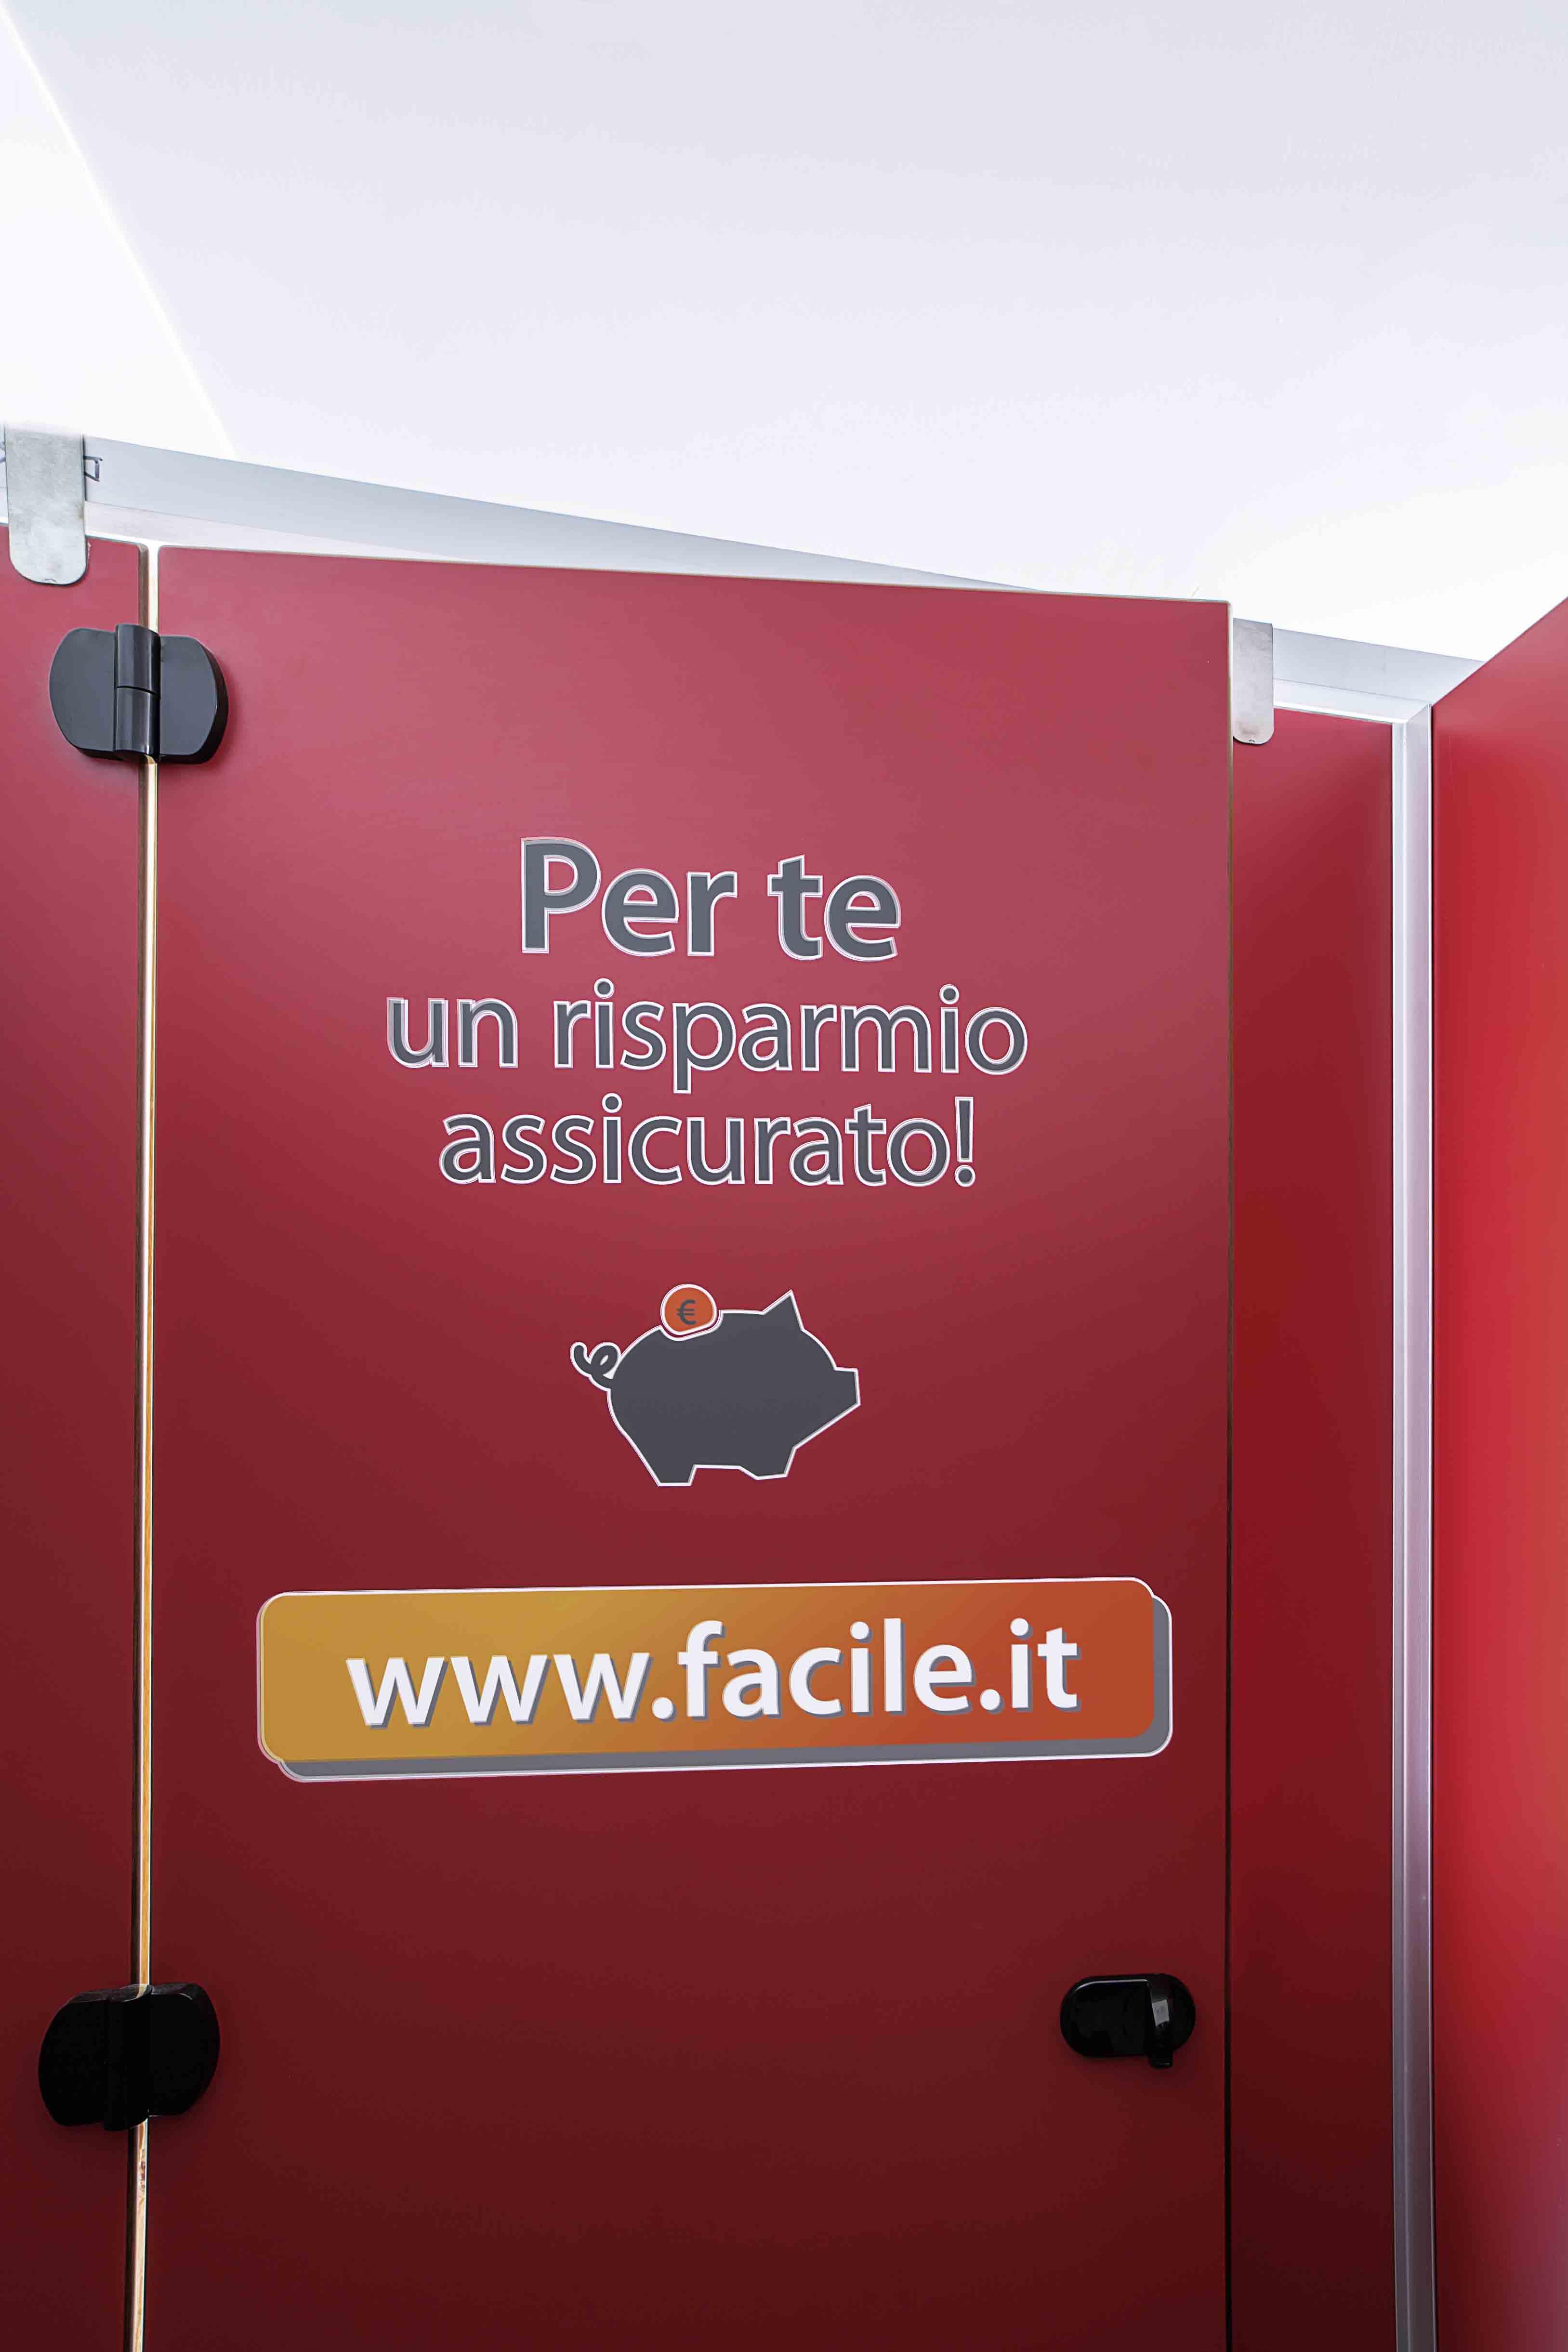 Porta bagno facile.it